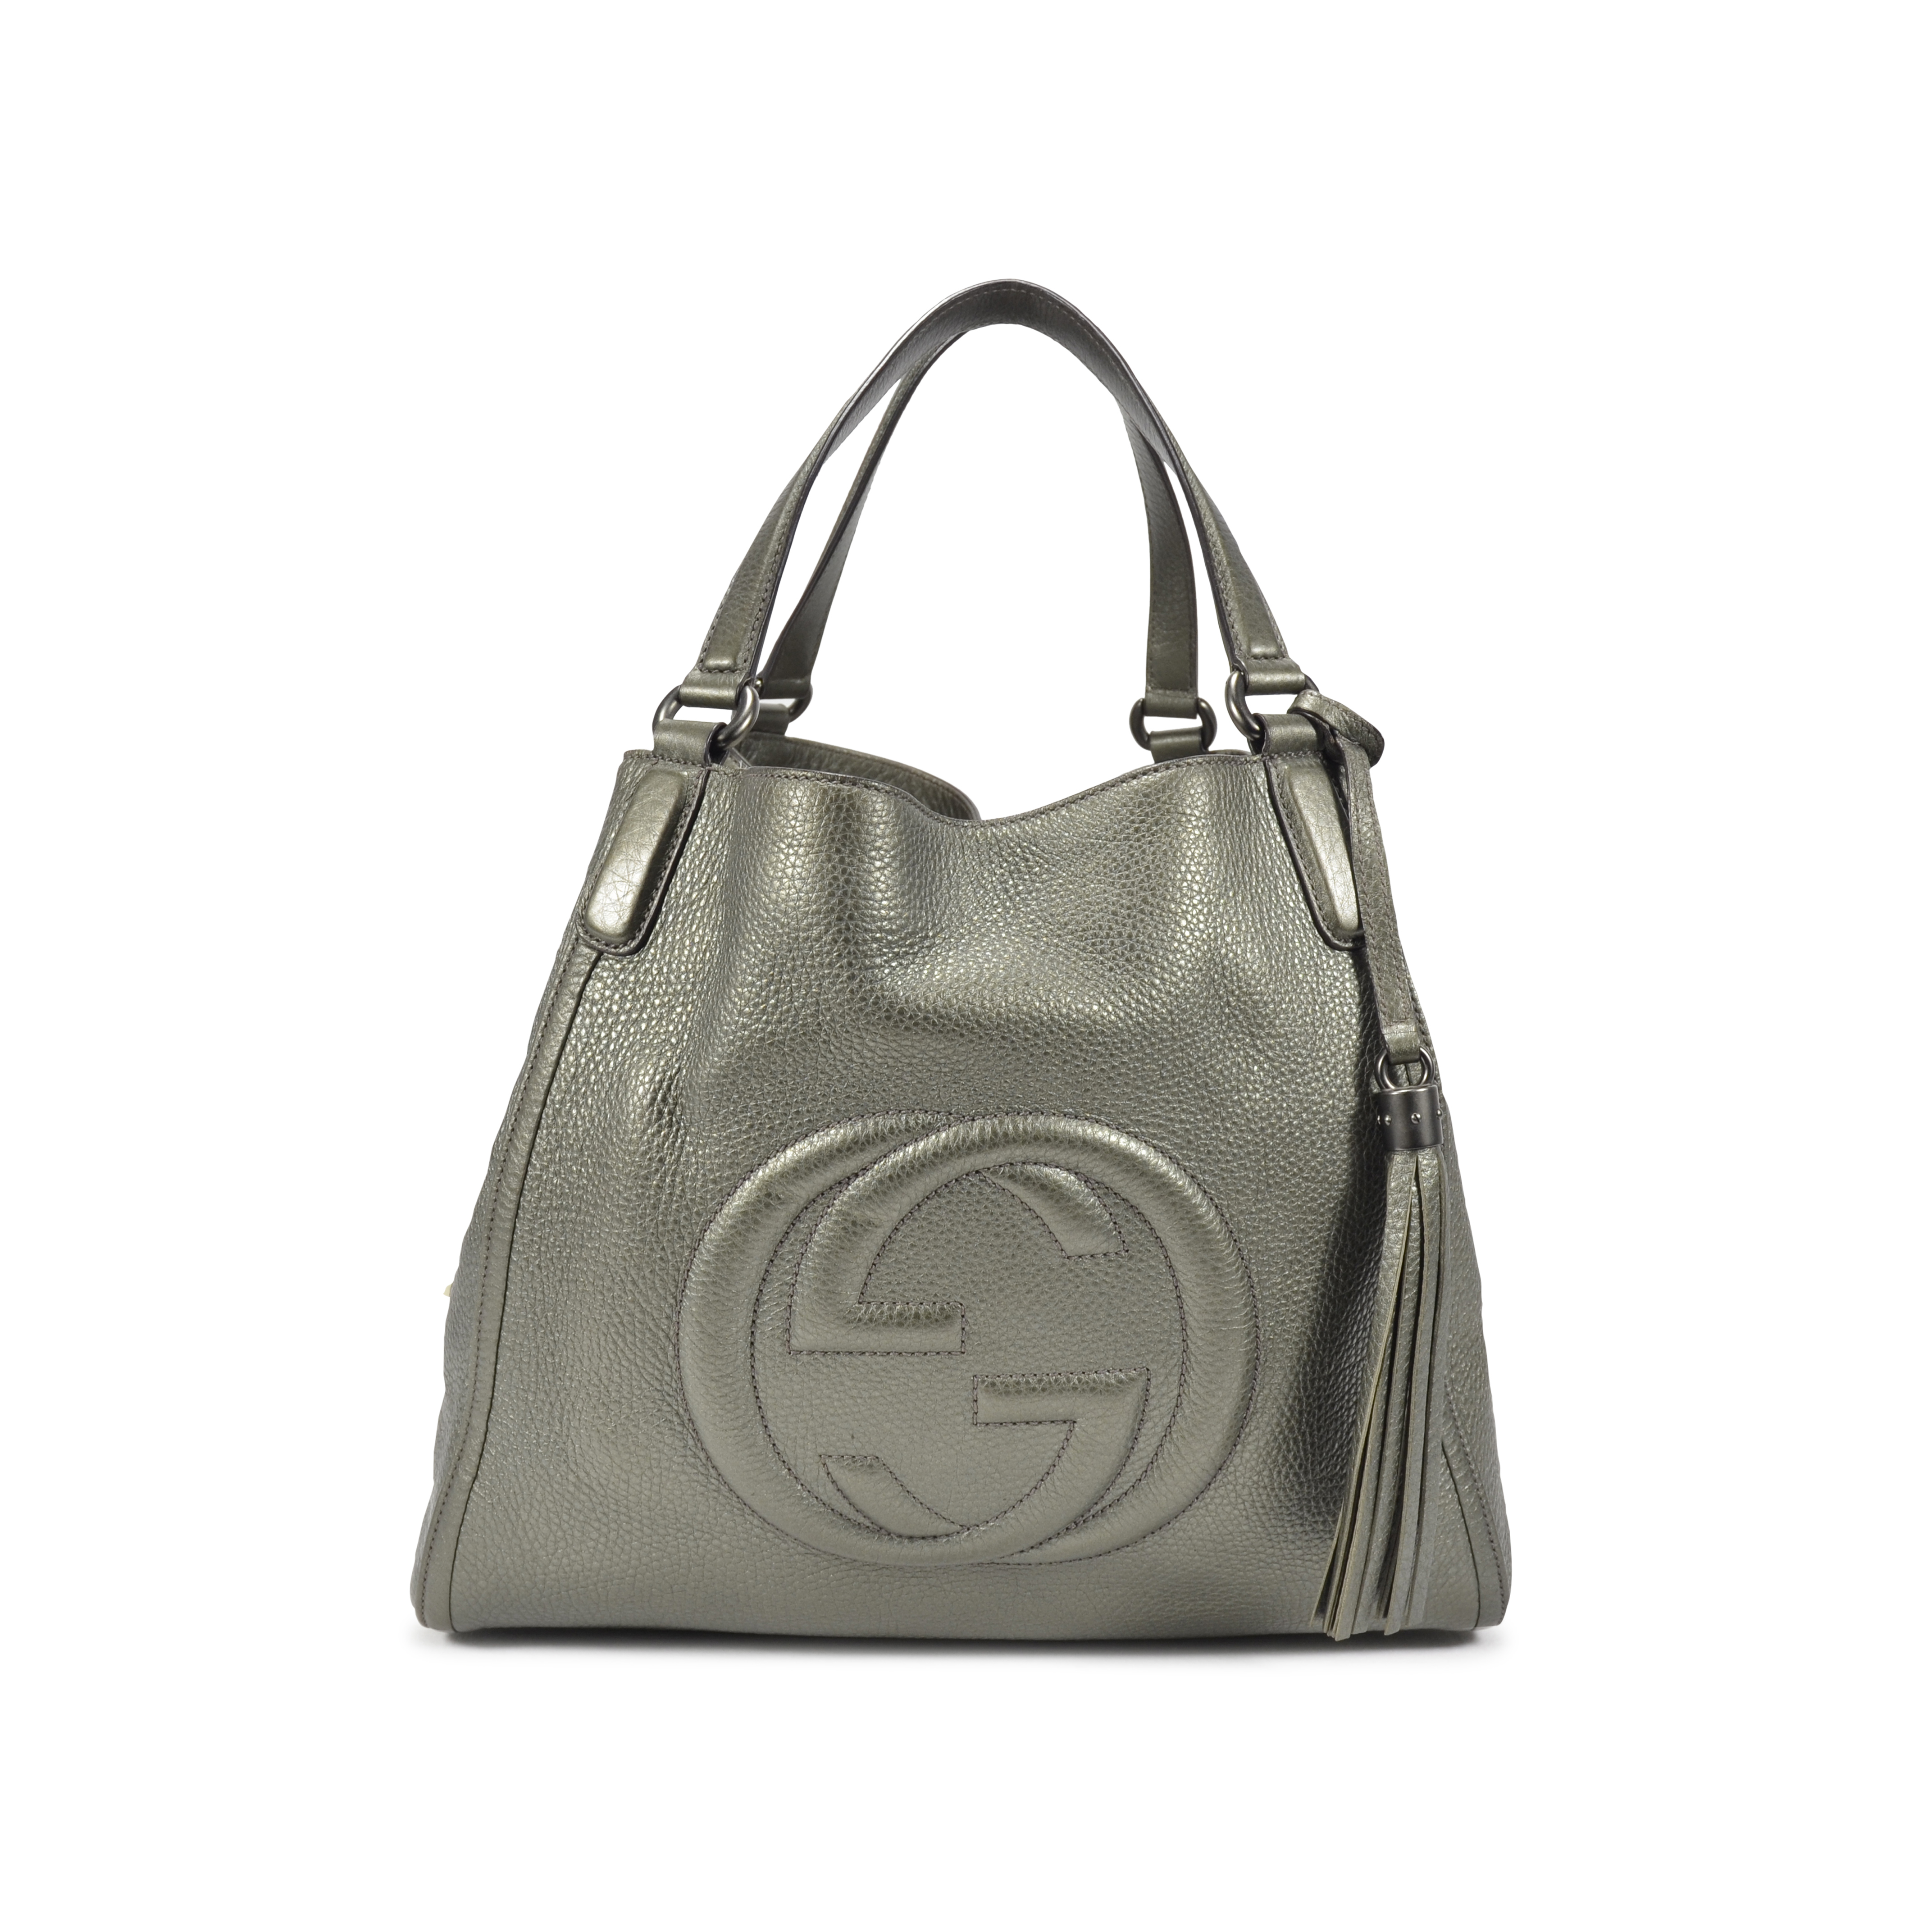 bc5feb70d1d Authentic Second Hand Gucci Medium Soho Shoulder Bag (PSS-021-00011 ...